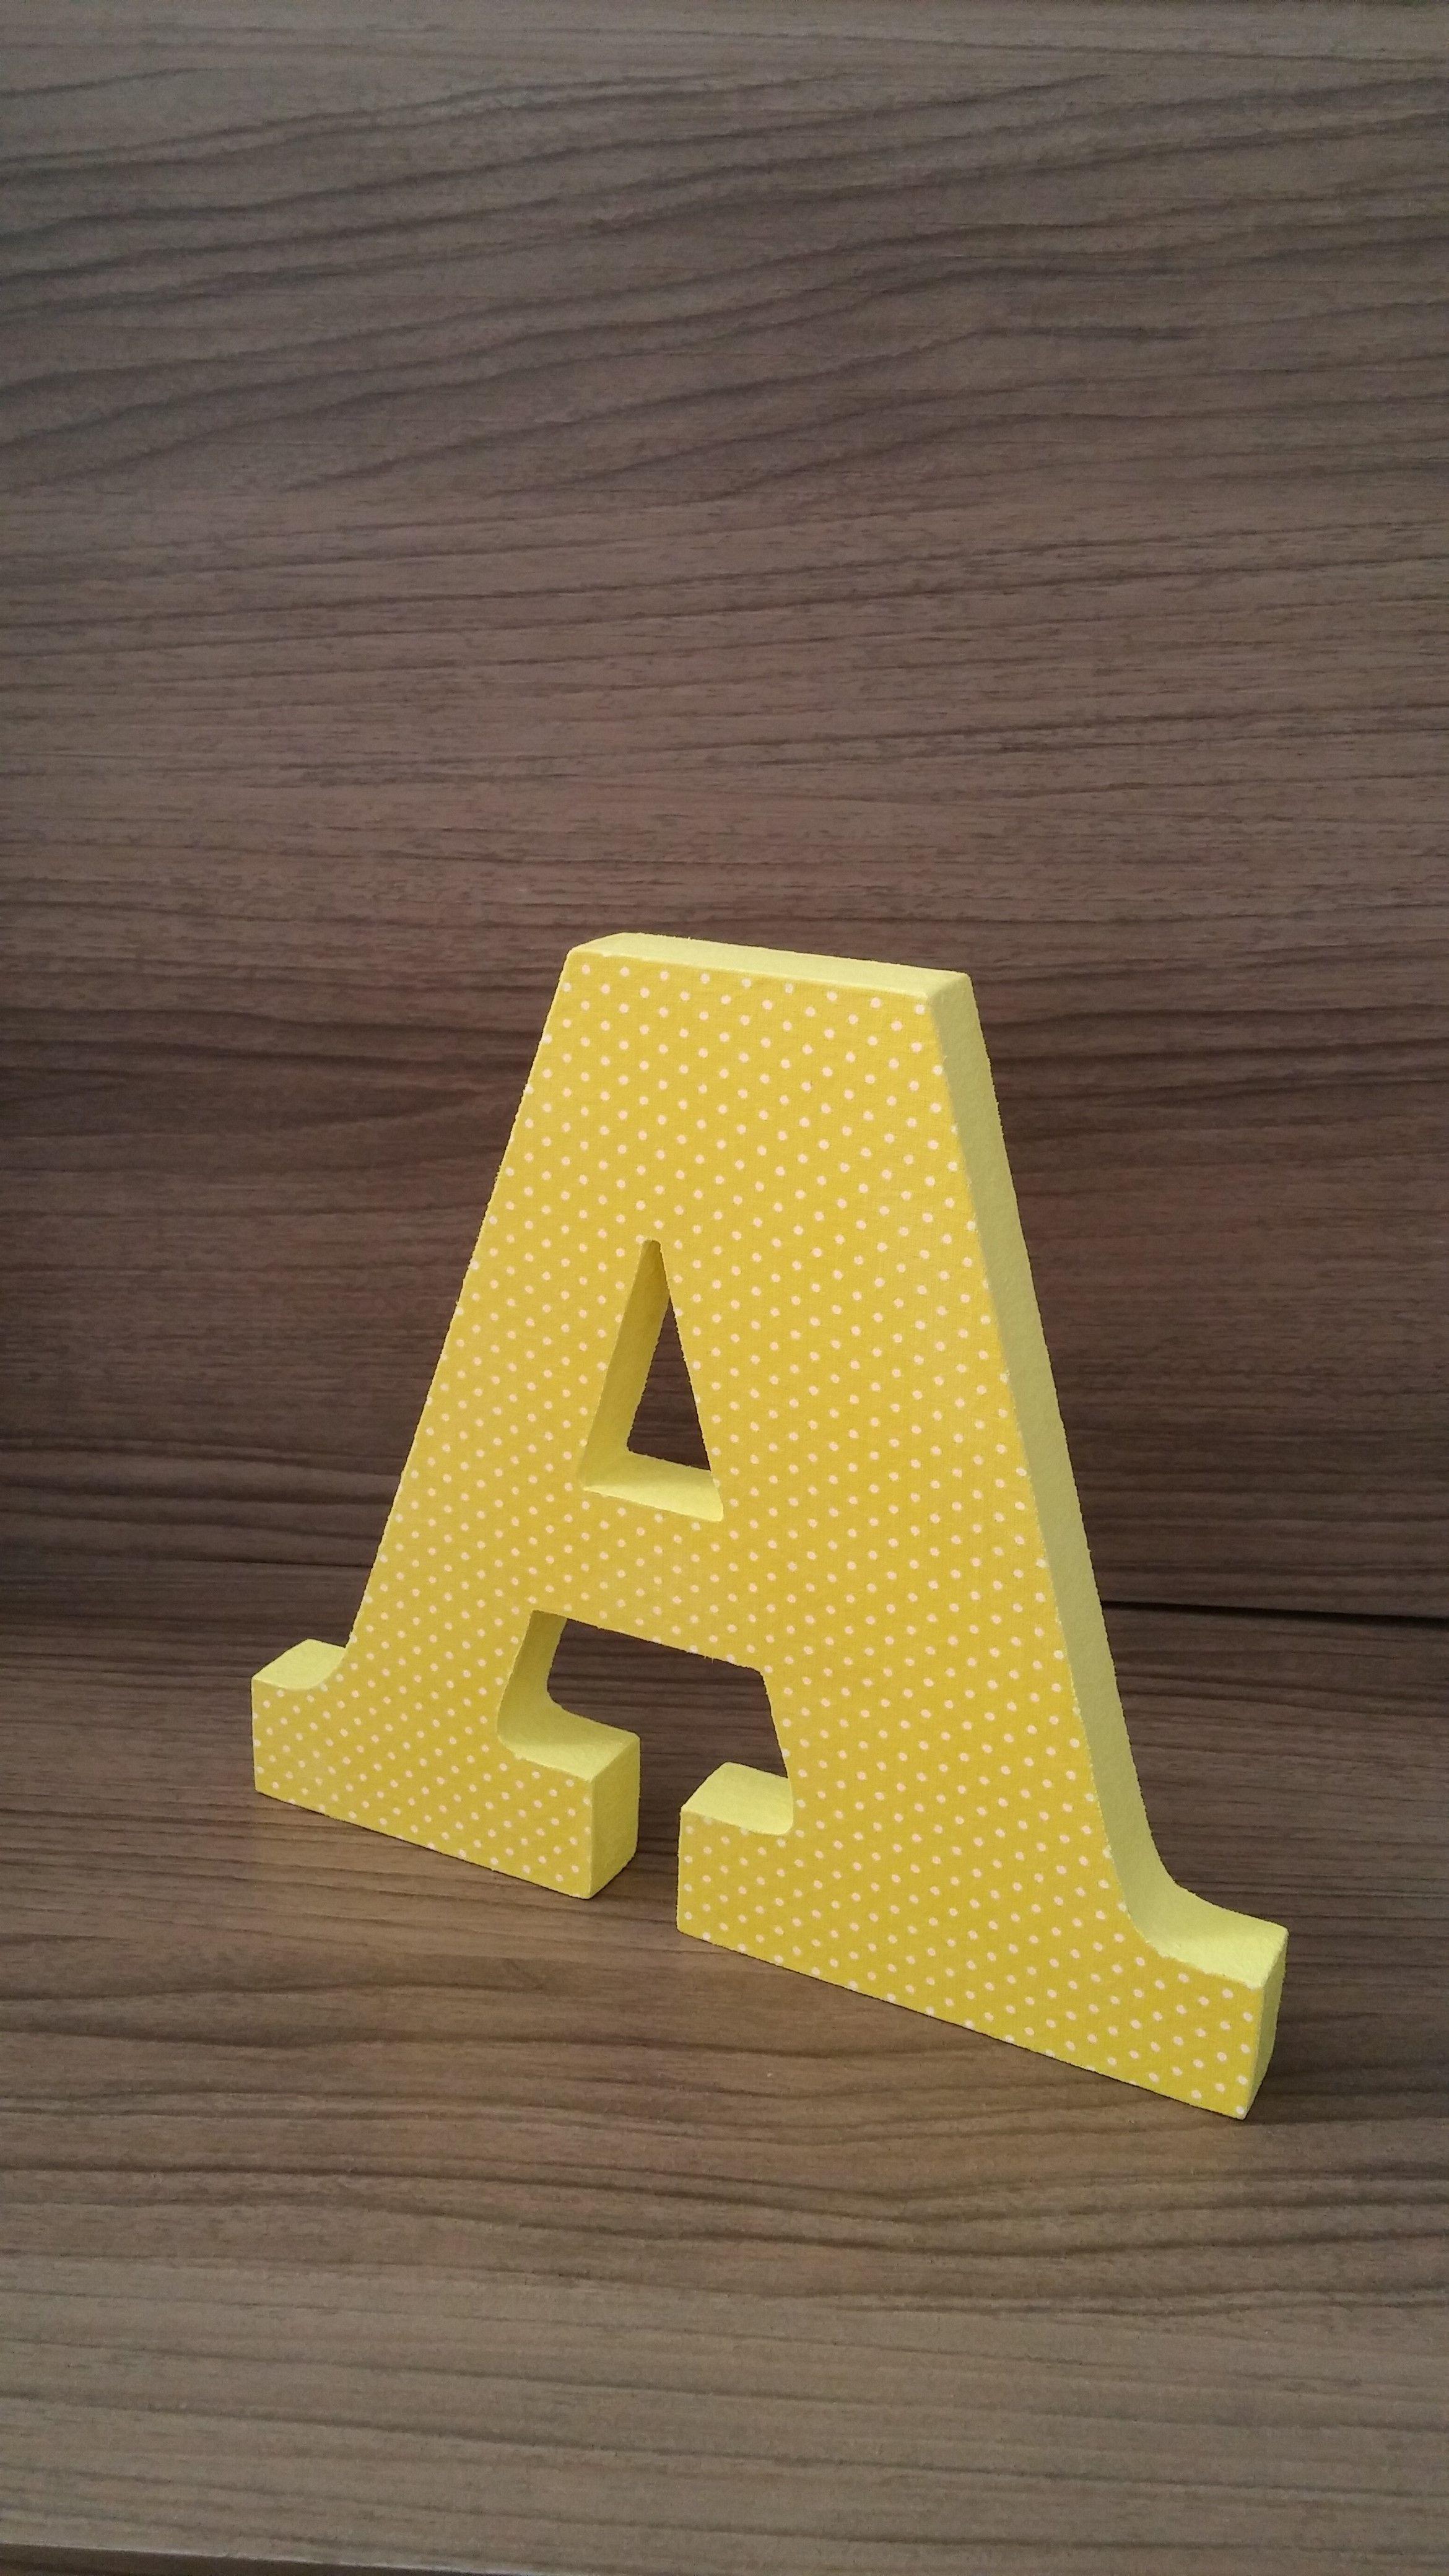 Letra Decorativa Em Mdf De A A Z Pintada E Revestida Com Tecido Temos Varias Estampas Vehicle Logos Letters Chevrolet Logo